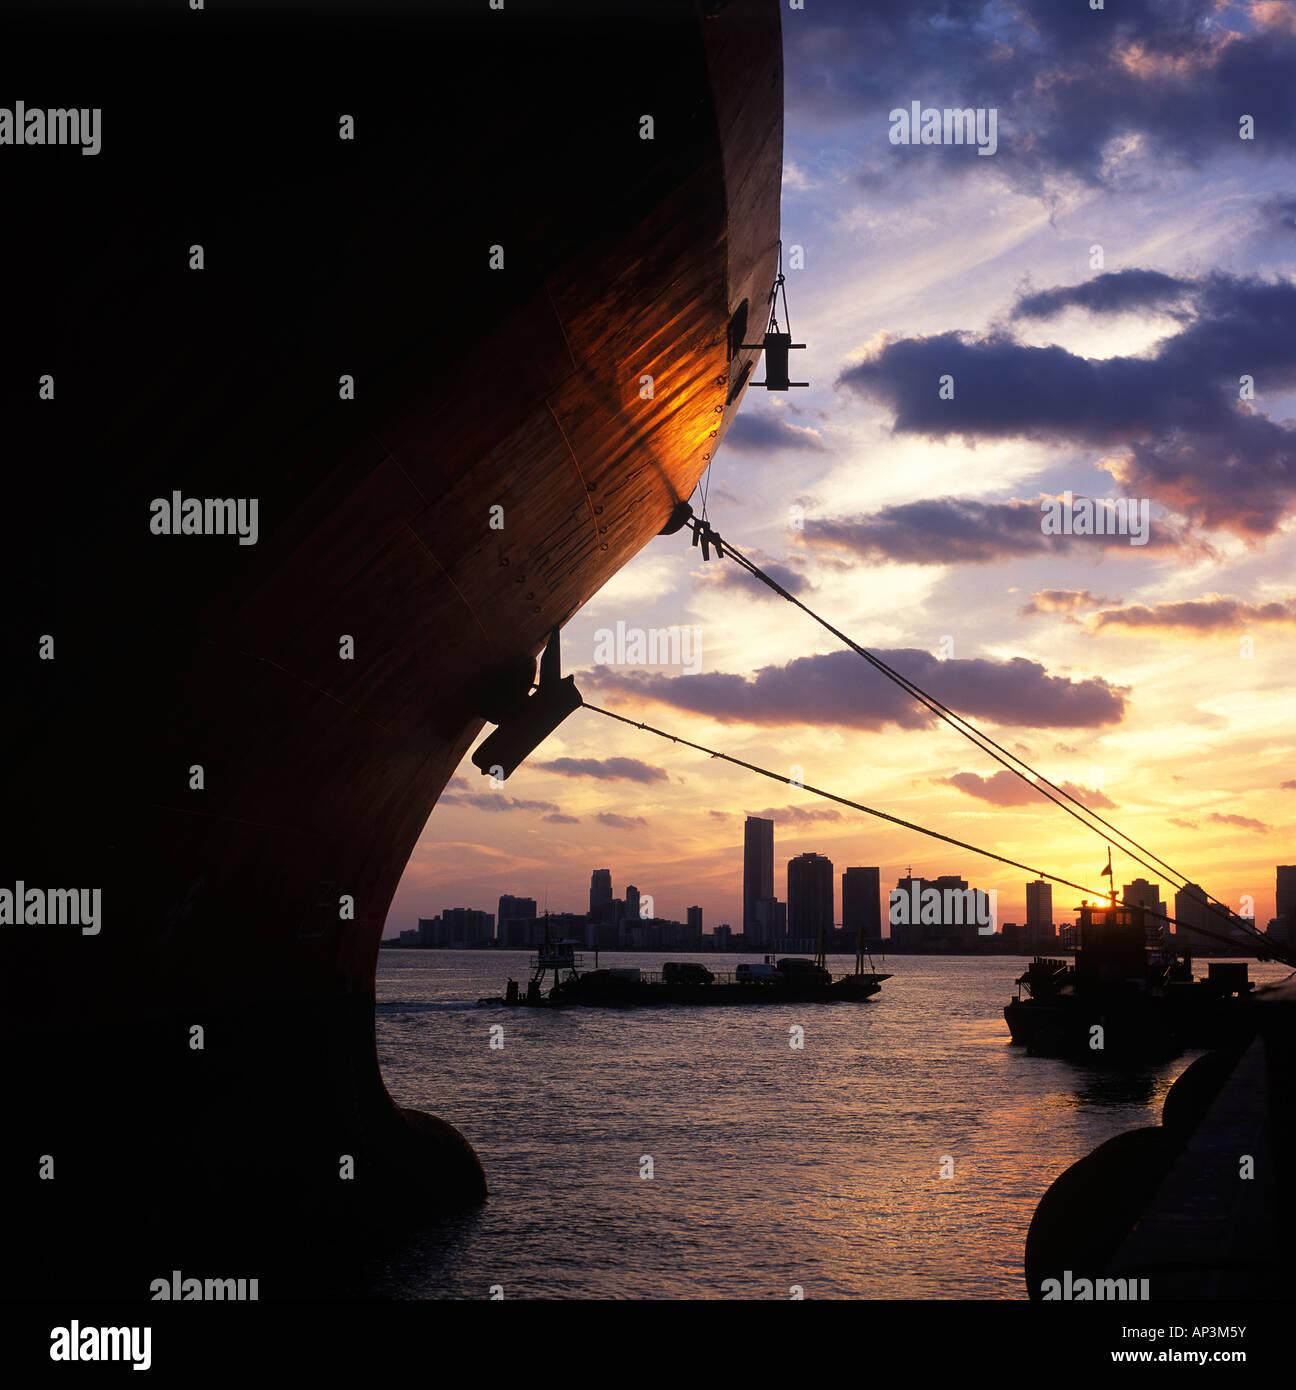 Port Of Miami Cruise Terminal: Port Of Miami Stock Photos & Port Of Miami Stock Images